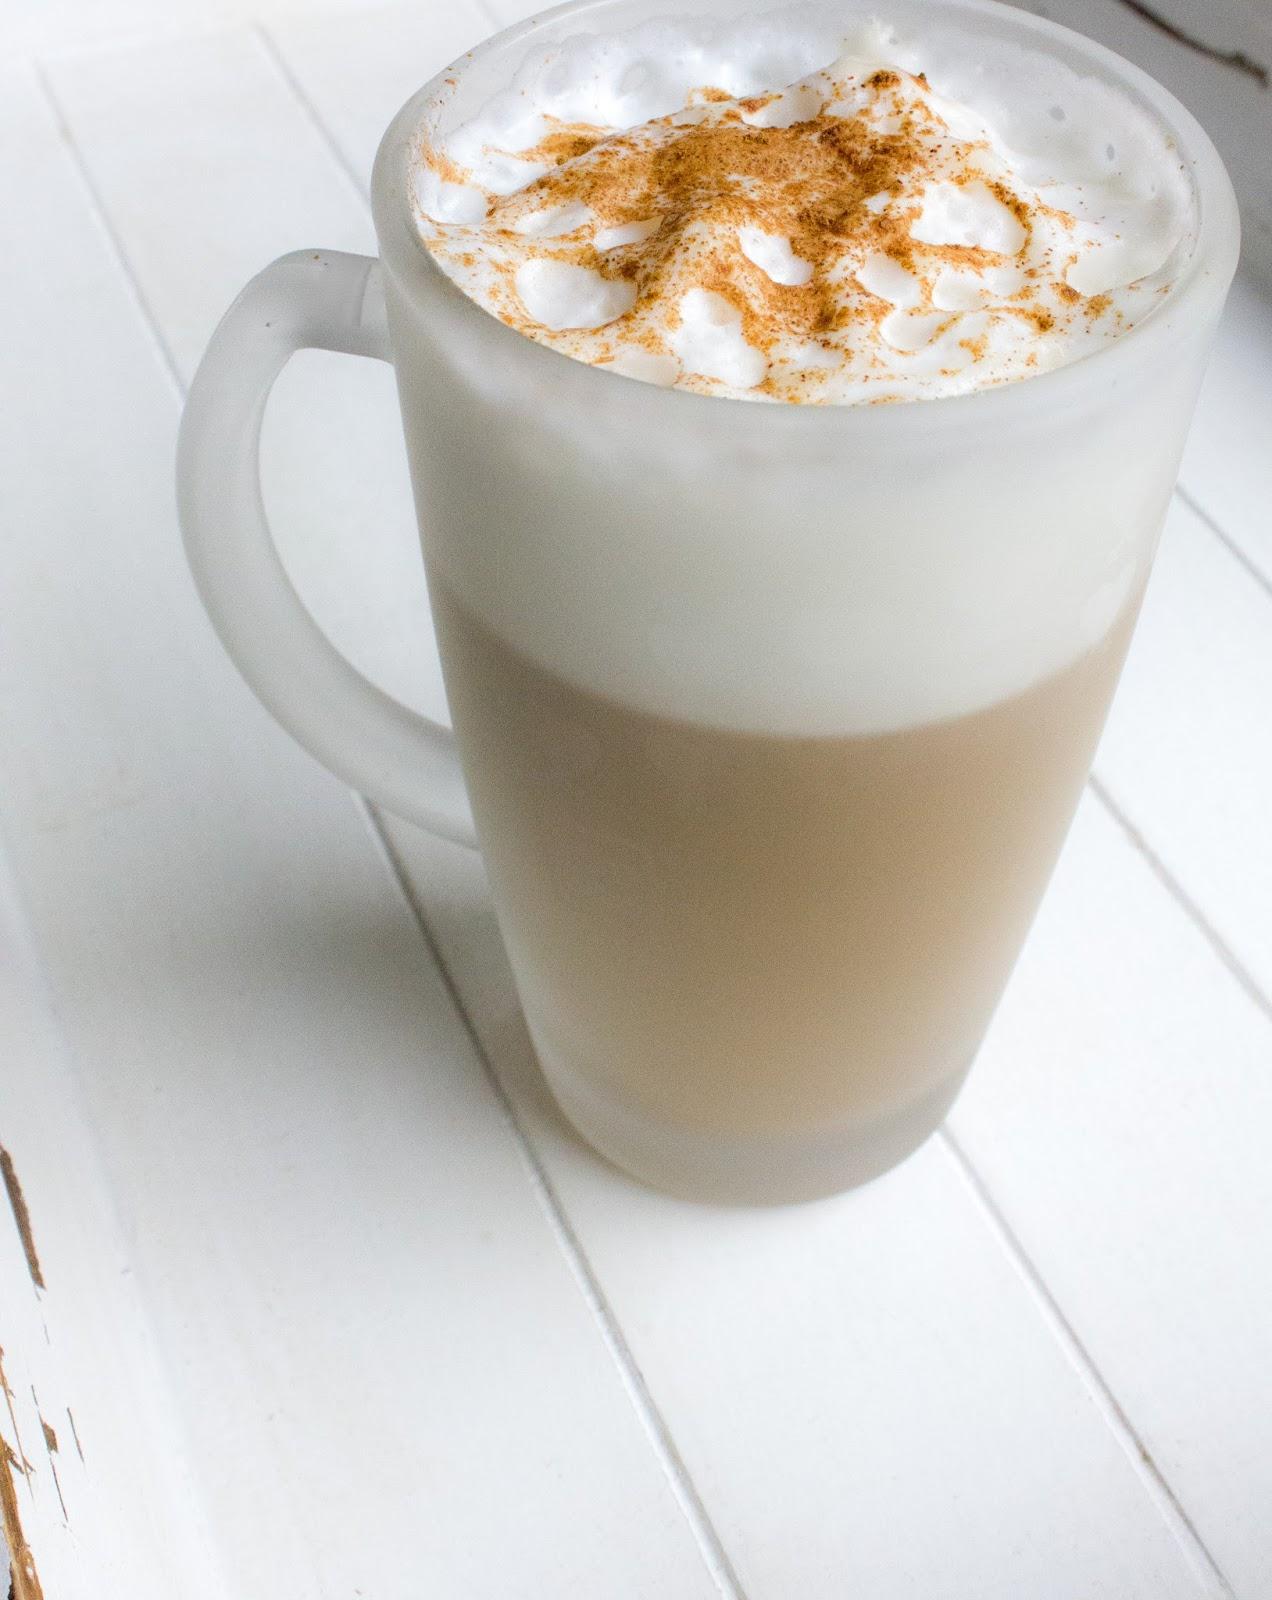 angebot melitta kaffee harmonie